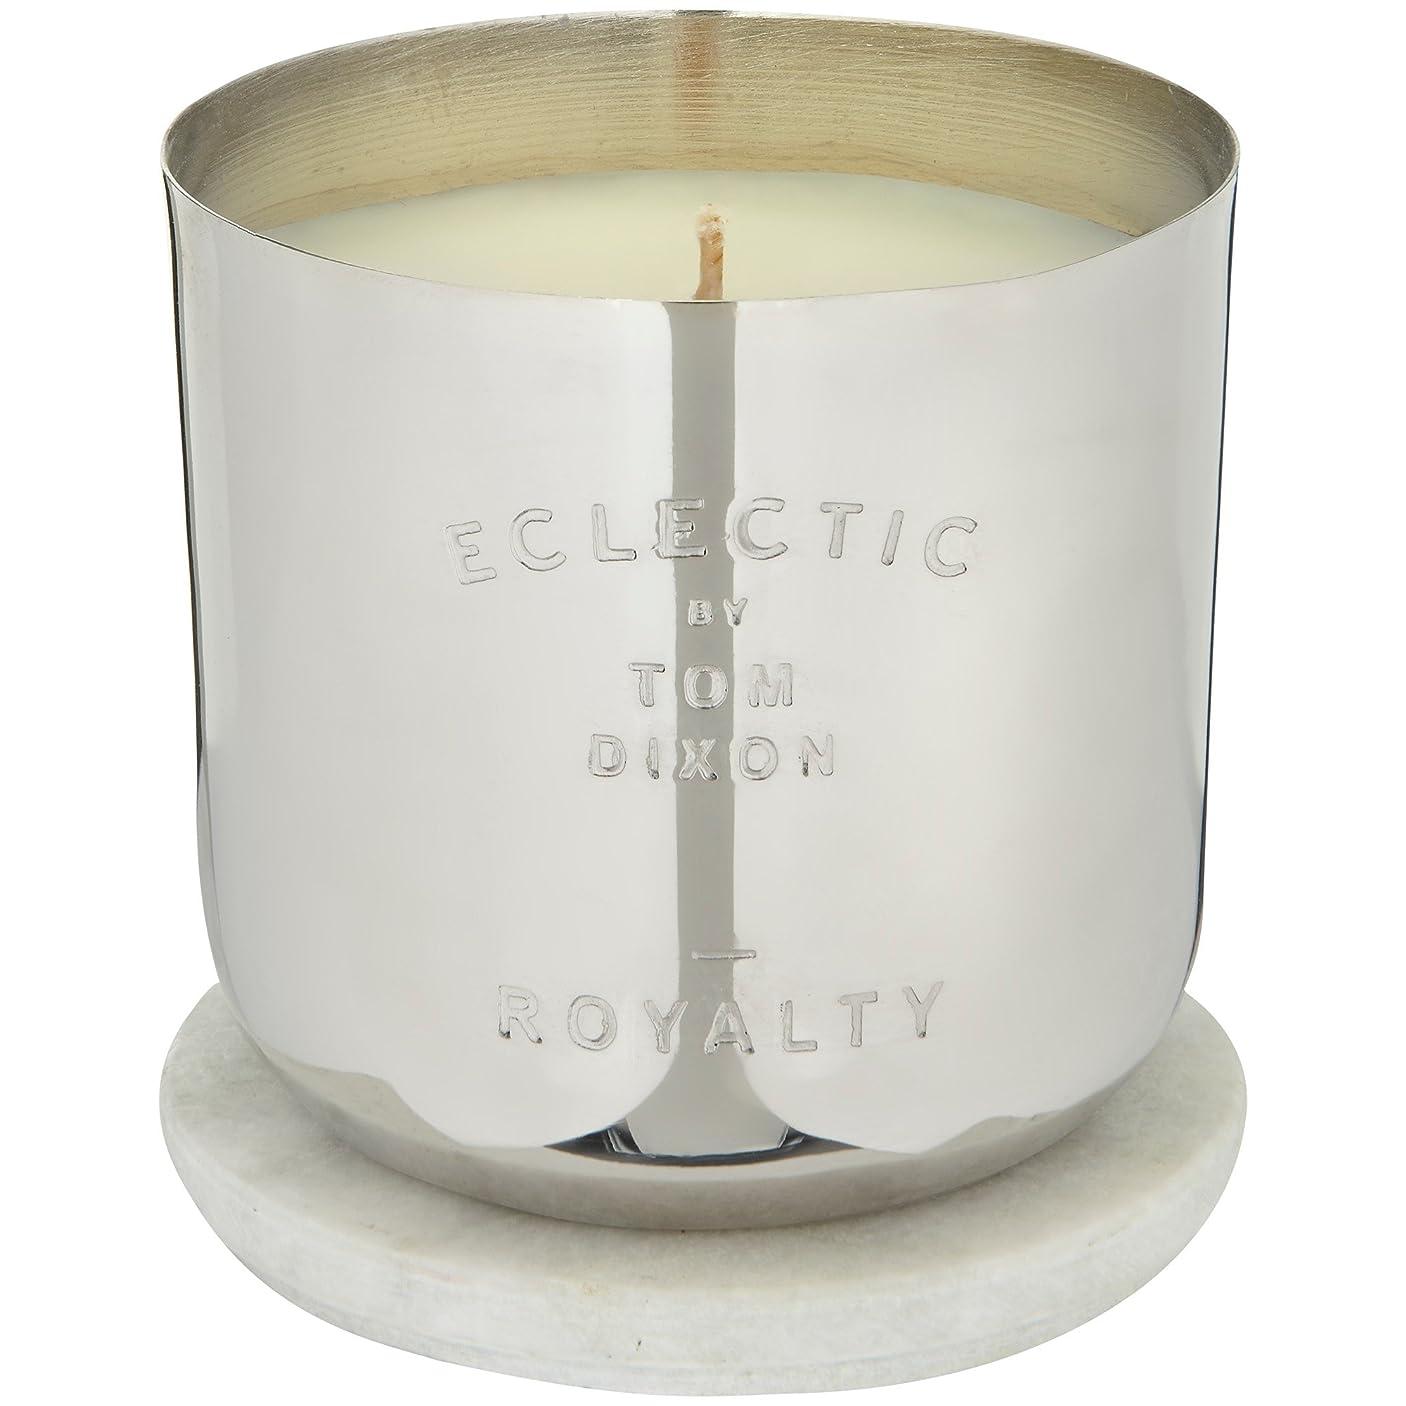 協力するイヤホン遅いトム?ディクソンロイヤリティ香りのキャンドル x6 - Tom Dixon Royalty Scented Candle (Pack of 6) [並行輸入品]